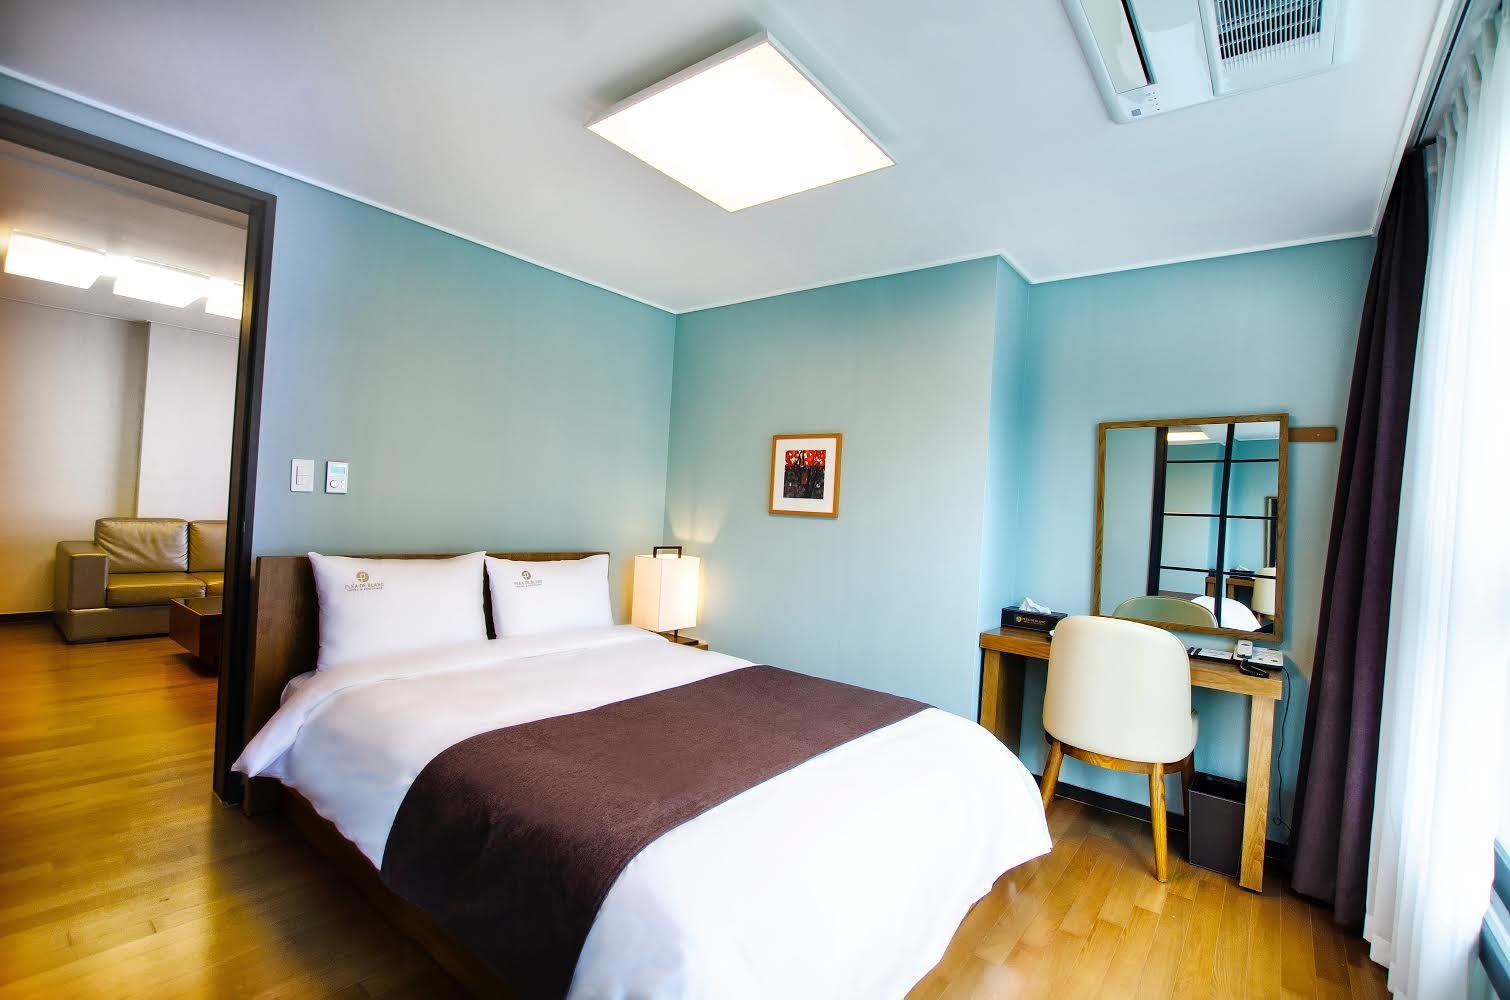 Hotel Busan Plea de blanc